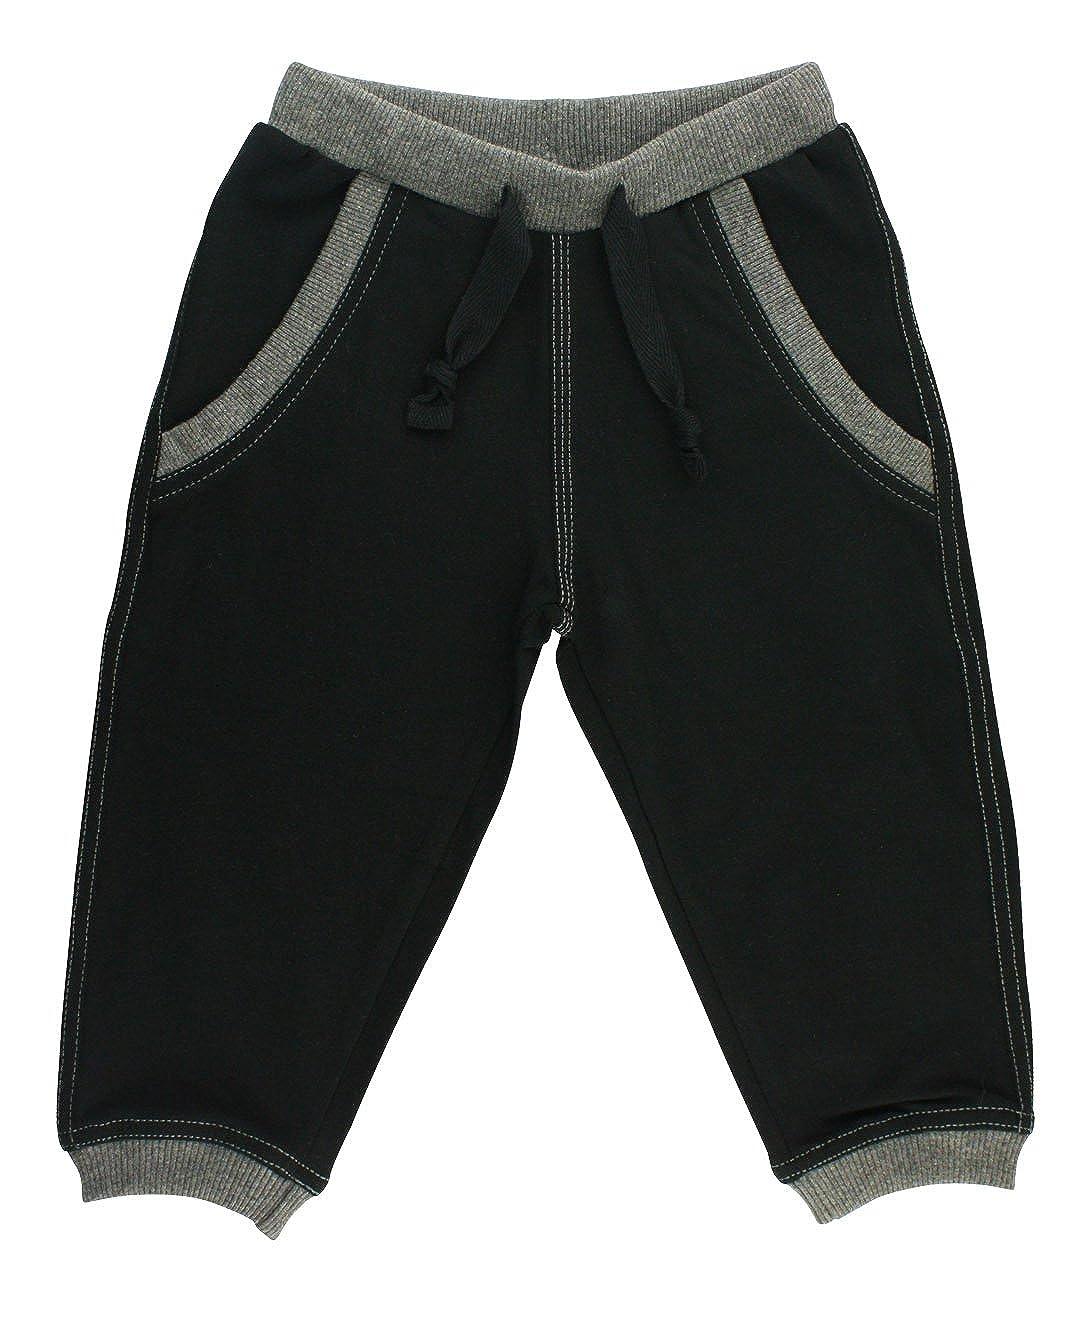 セール 登場から人気沸騰 RuggedButts 3 PANTS ベビーボーイズ Months 3 - B074KNLSBW 6 Months ブラック B074KNLSBW, ブランド古着の買取販売カンフル:c1e5deda --- a0267596.xsph.ru